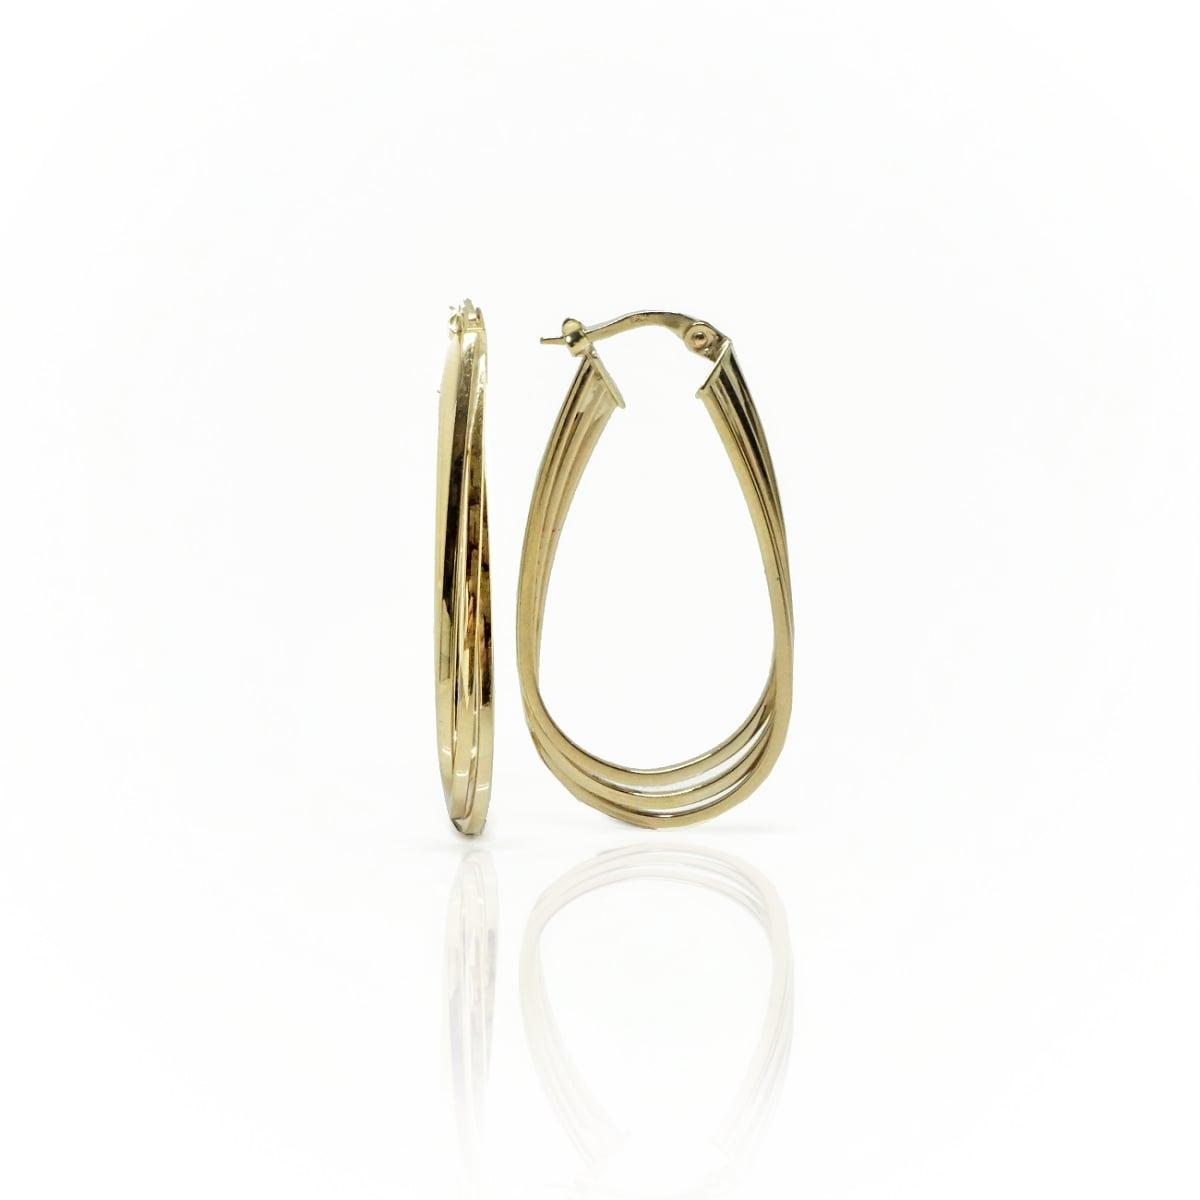 עגילי חישוק זהב צהוב אובלים 3 שורות מרשימים לאישה 14 קאראט